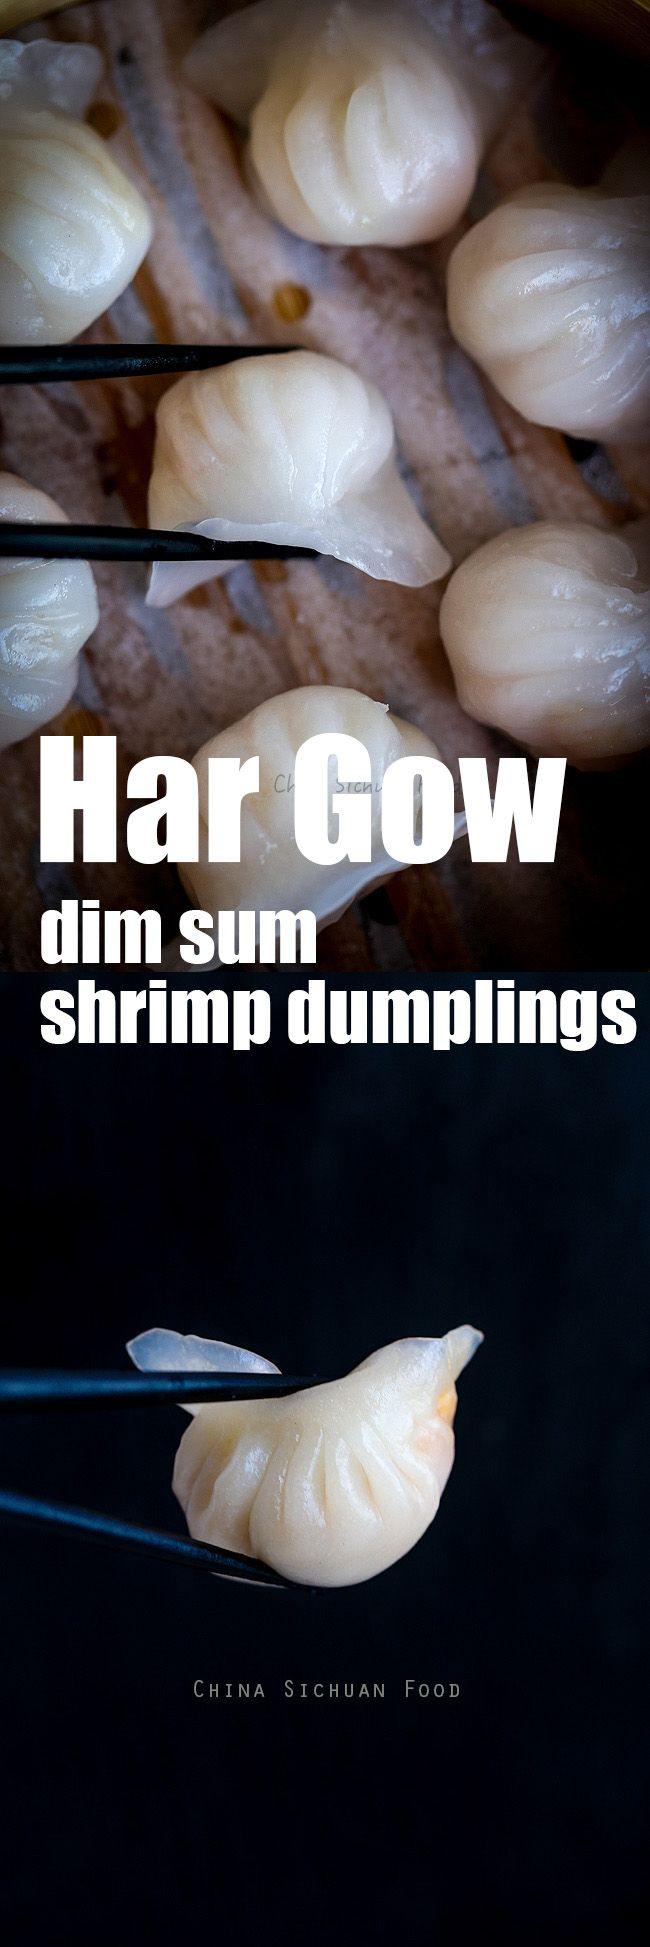 har gow, dim sum style shrimp dumplings ChinaSichuanFood.com